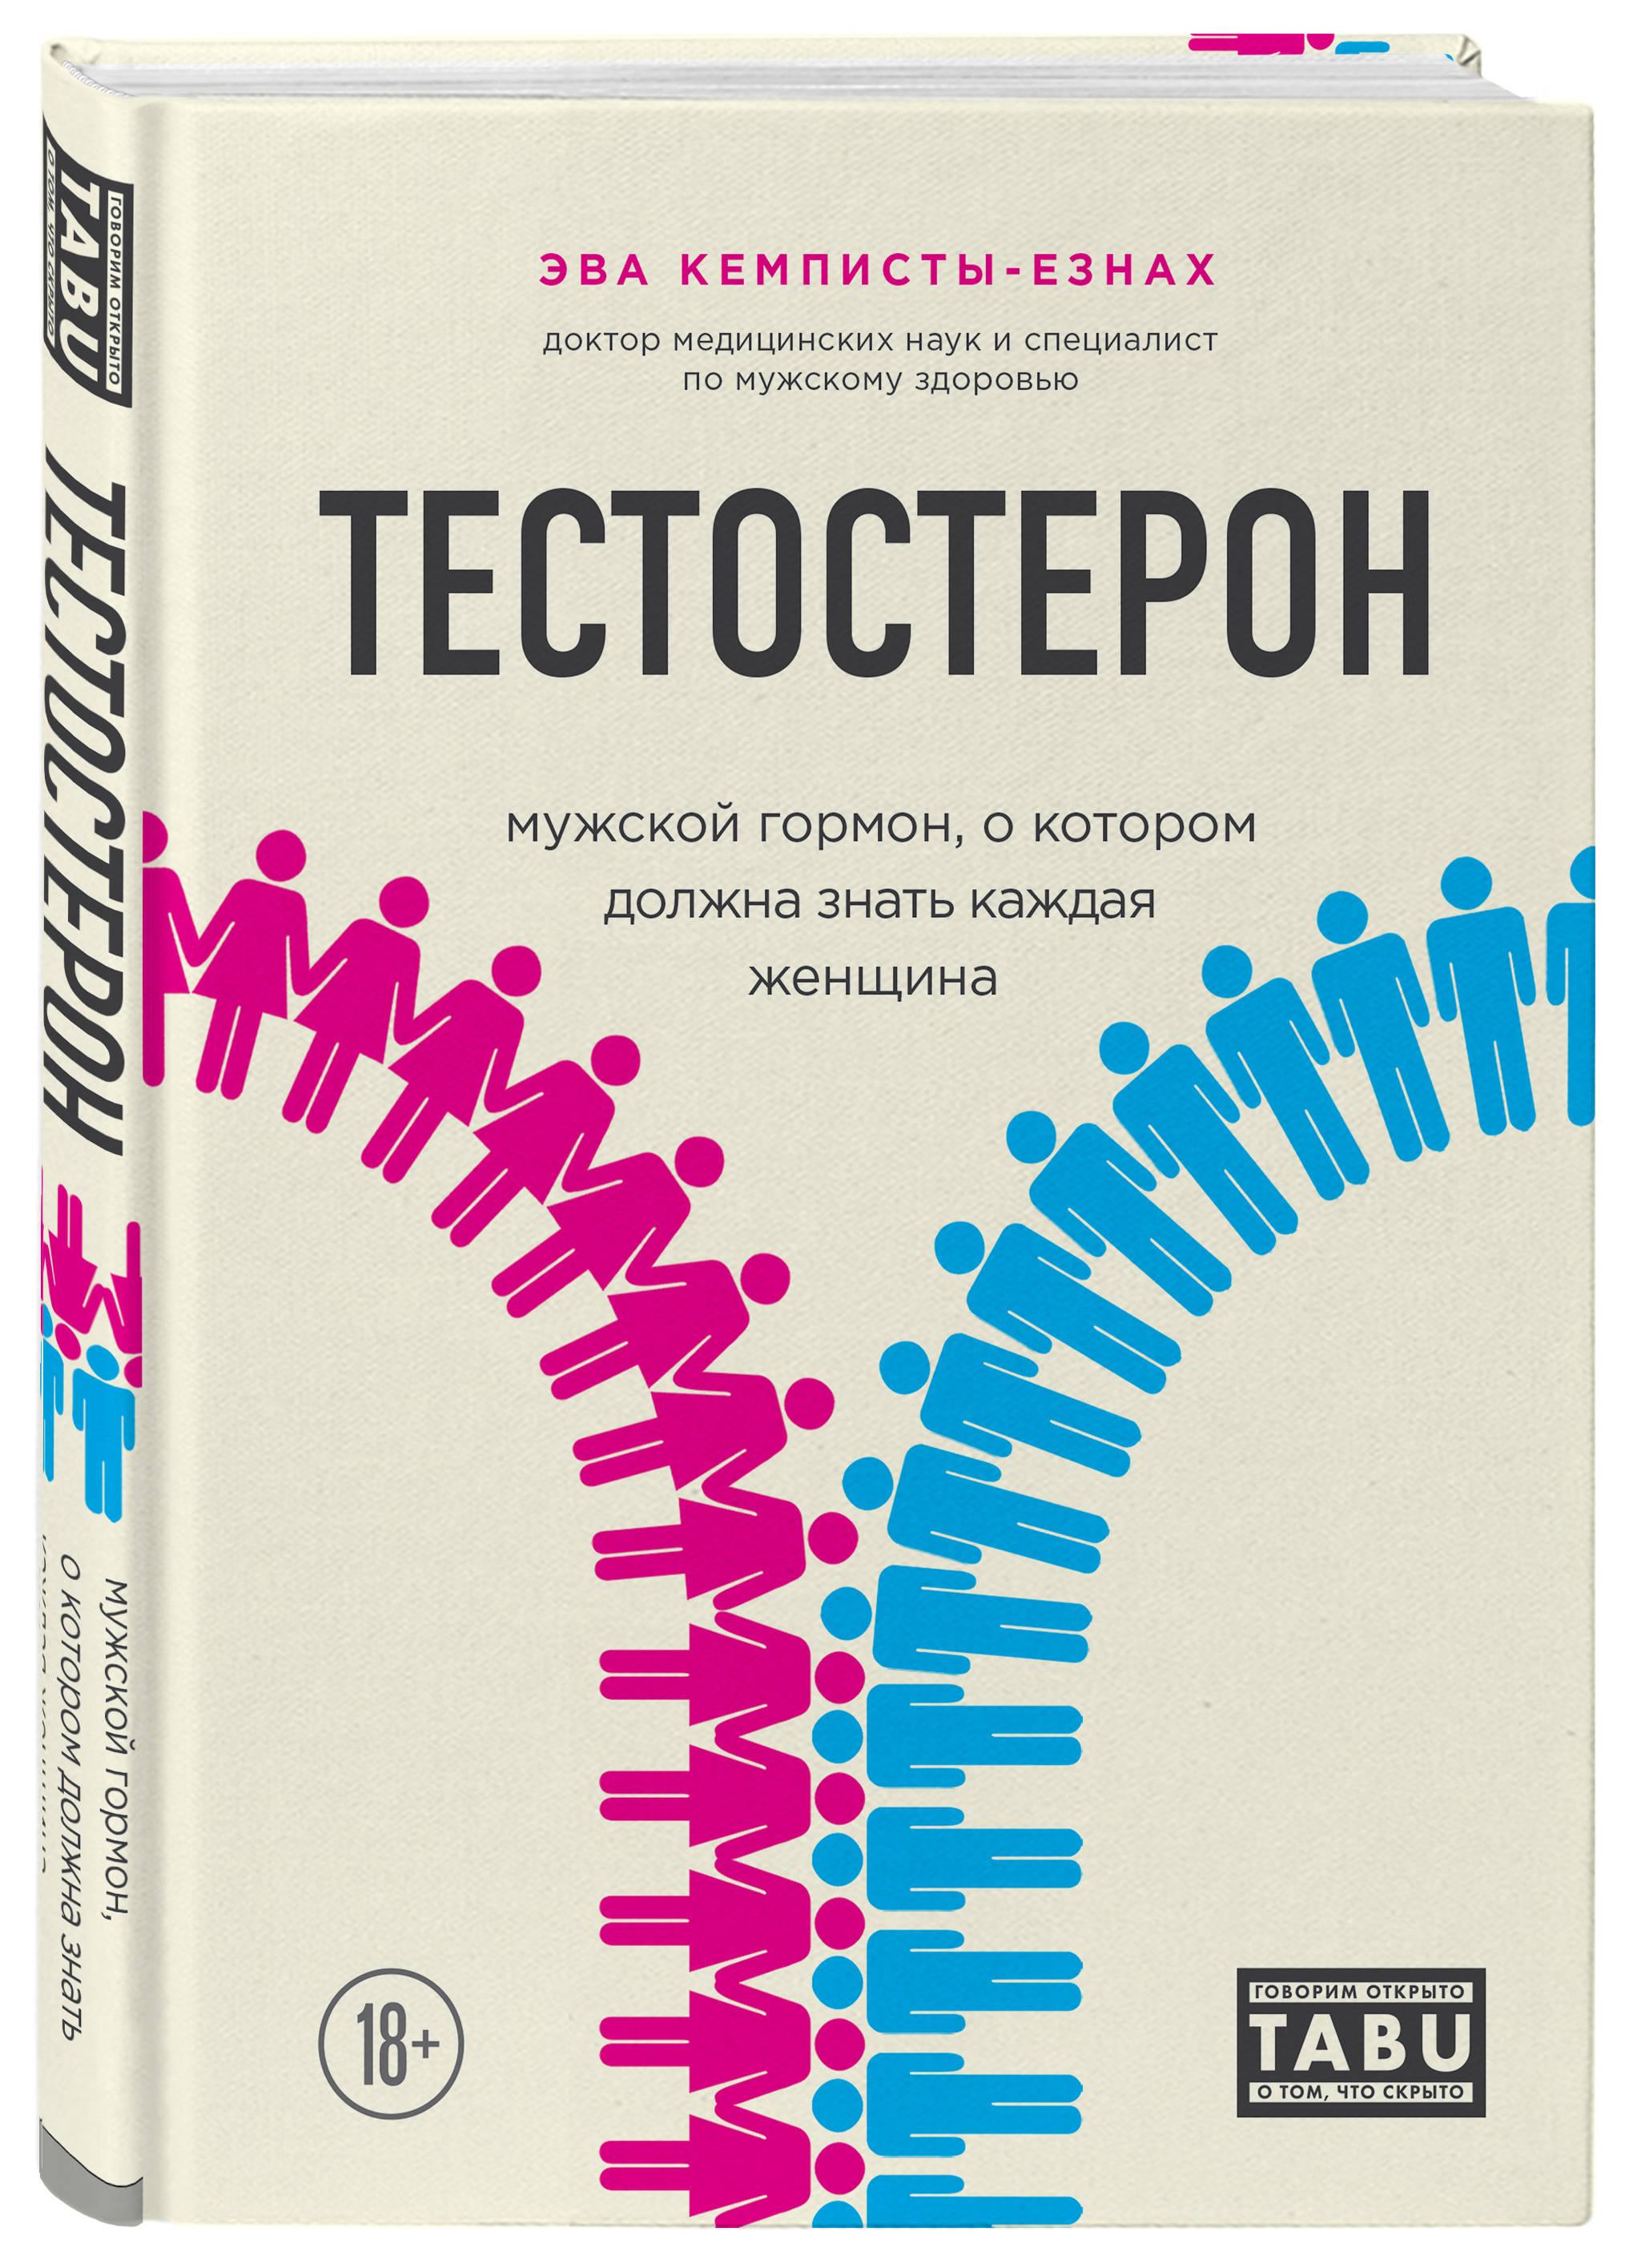 """Эва Кемписты-Езнах Мистер """"Т"""". Все о тестостероне, самом важном мужском гормоне"""